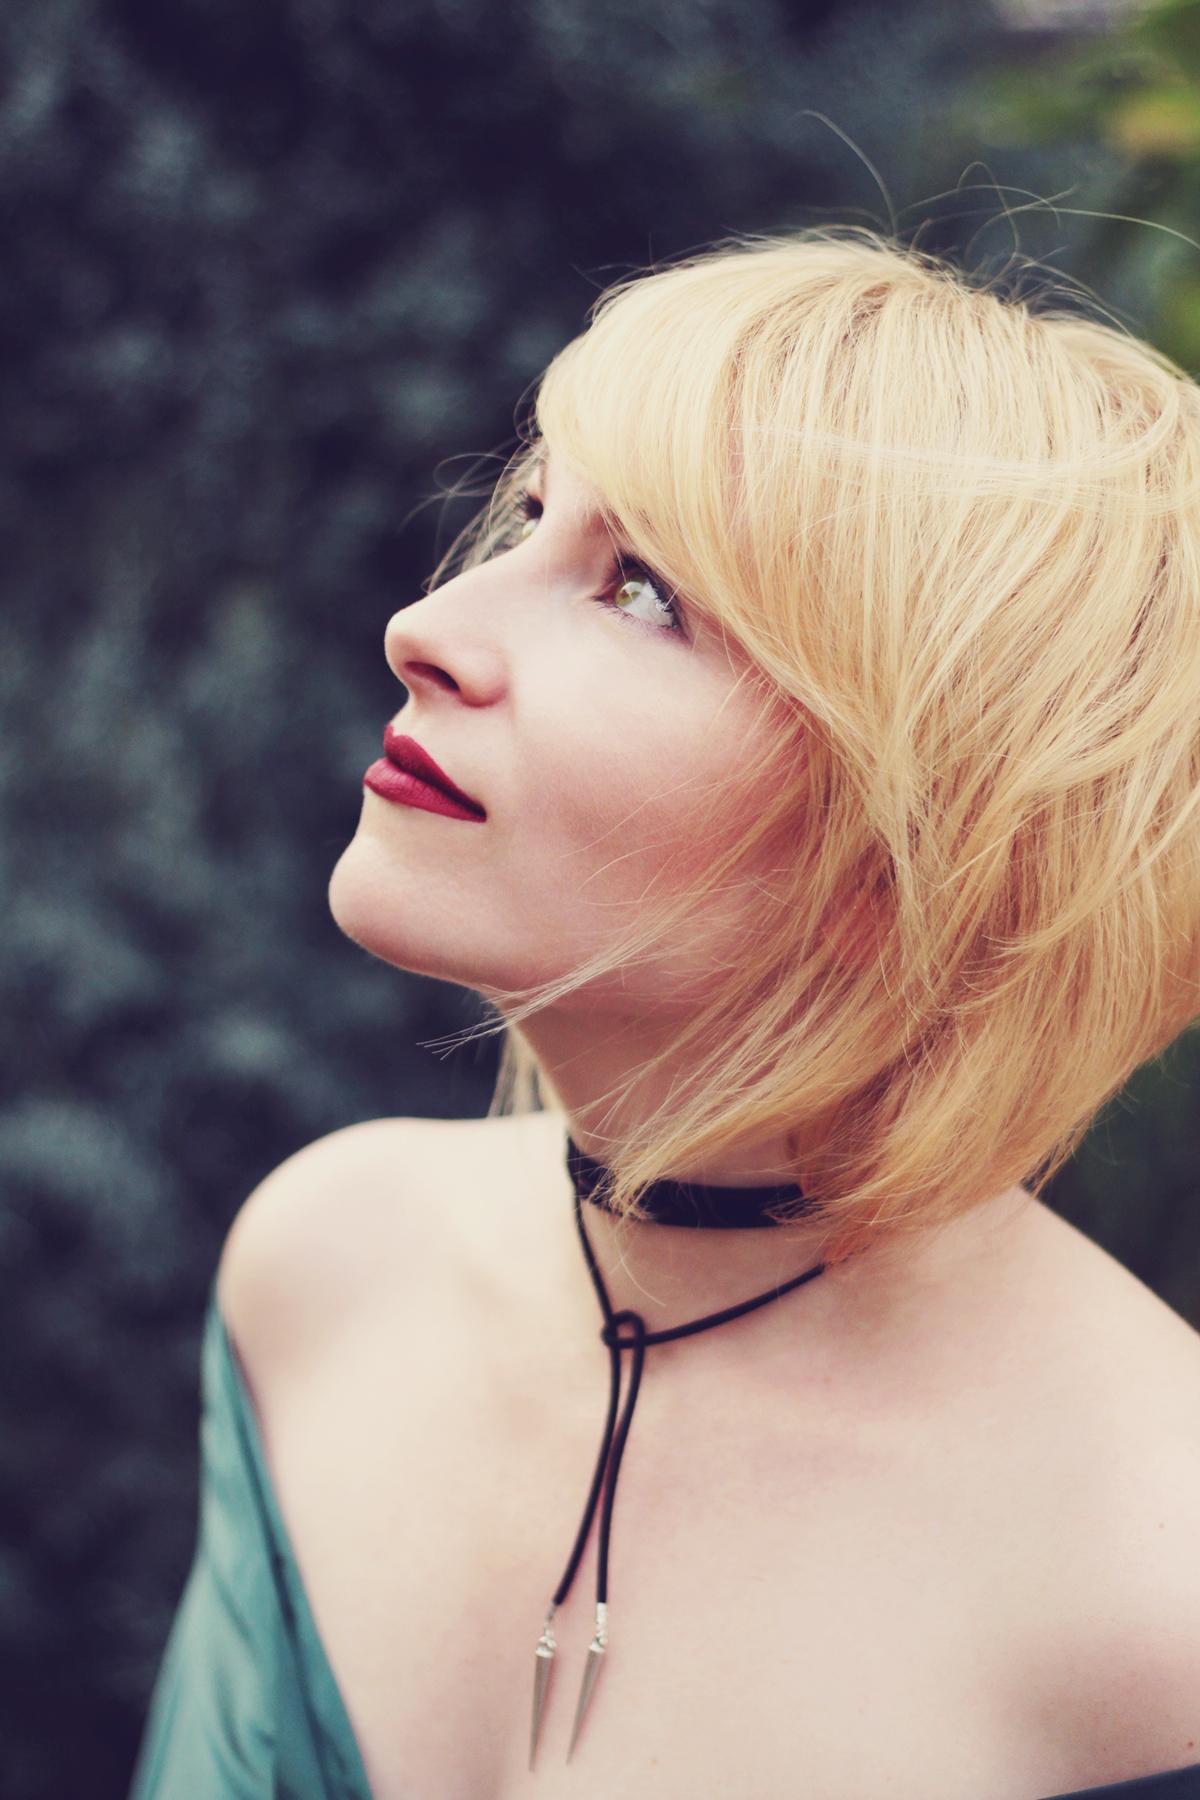 atomic blonde hair, matte berry lips